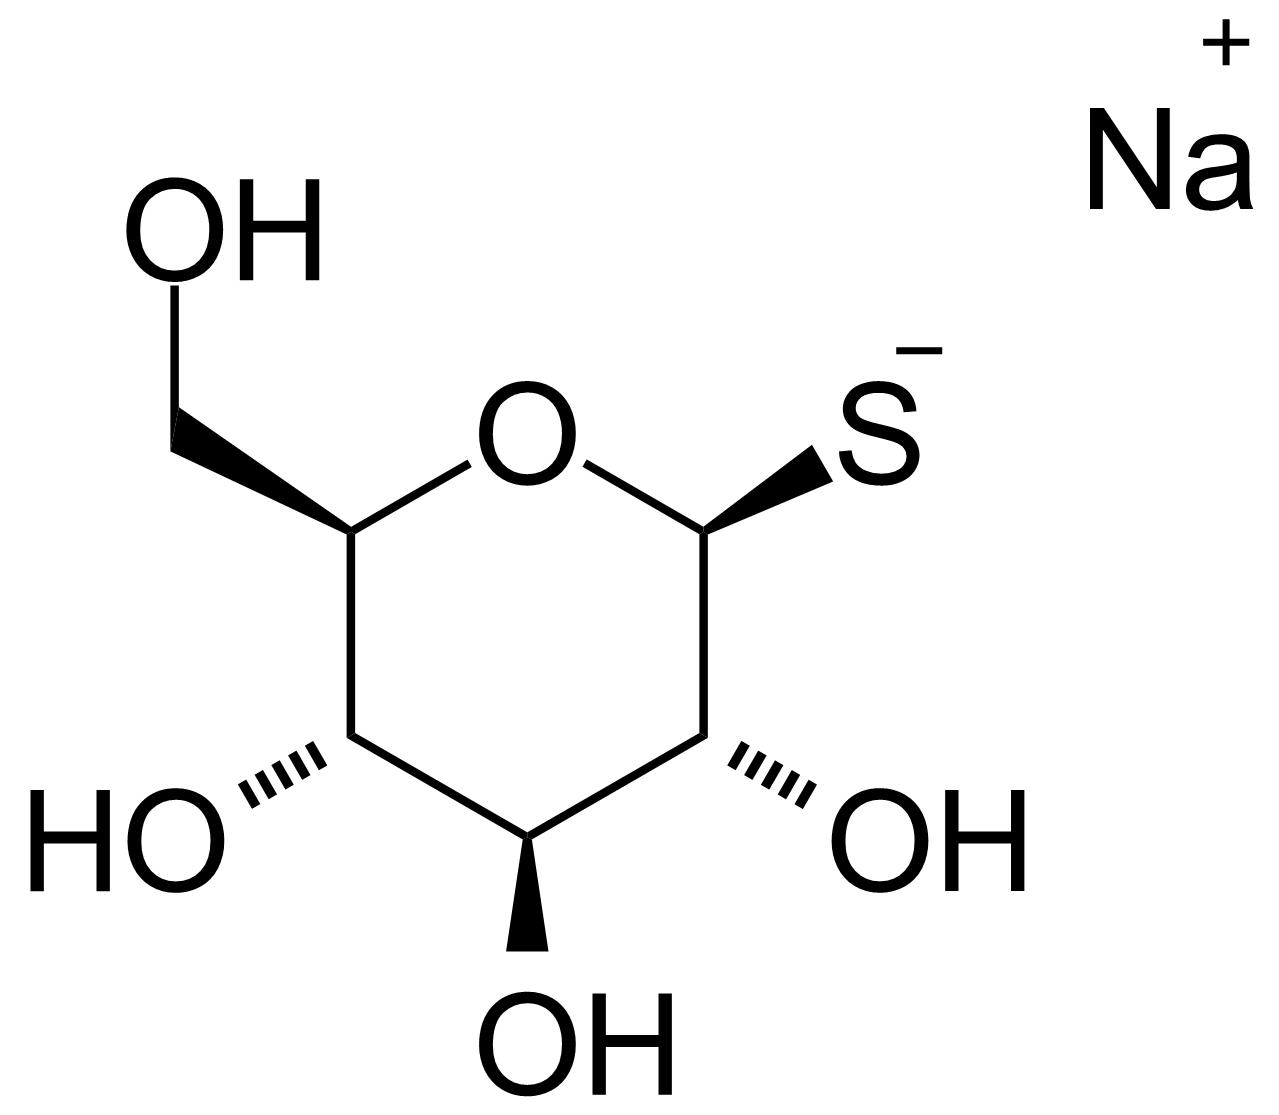 Structure of 1-Thio-B-D-glucose sodium salt